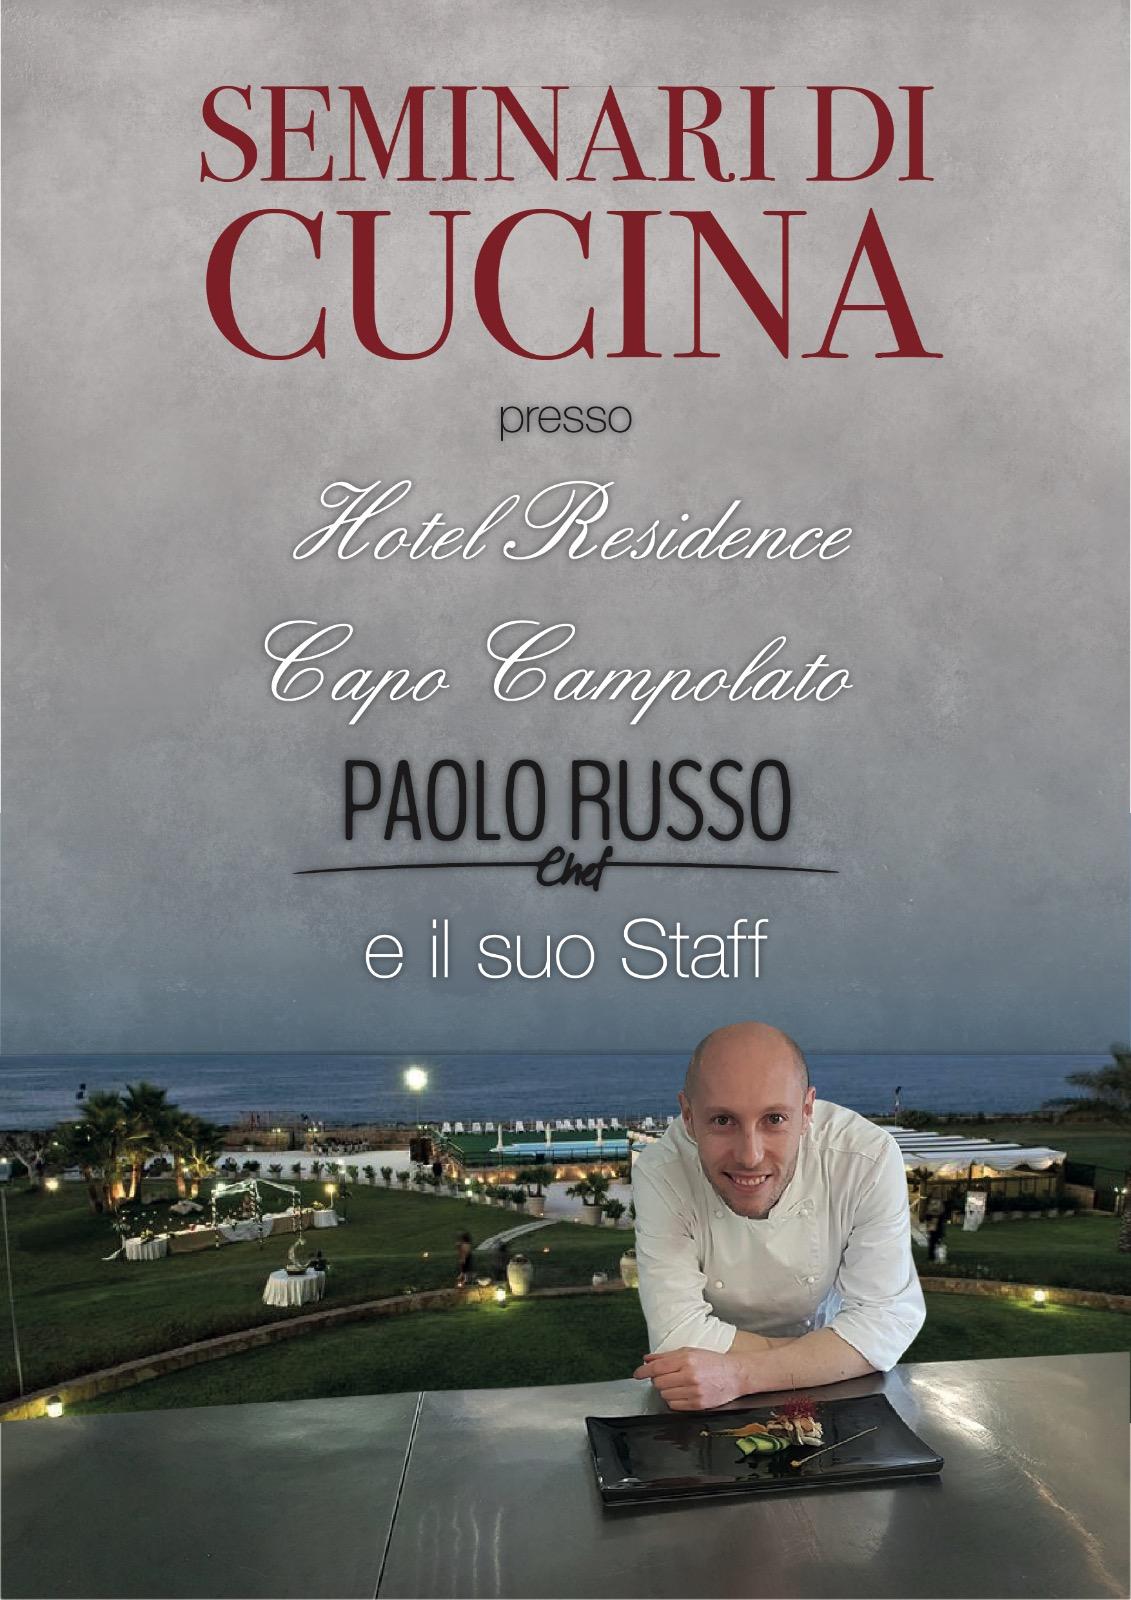 Seminari di Cucina di Paolo Russo